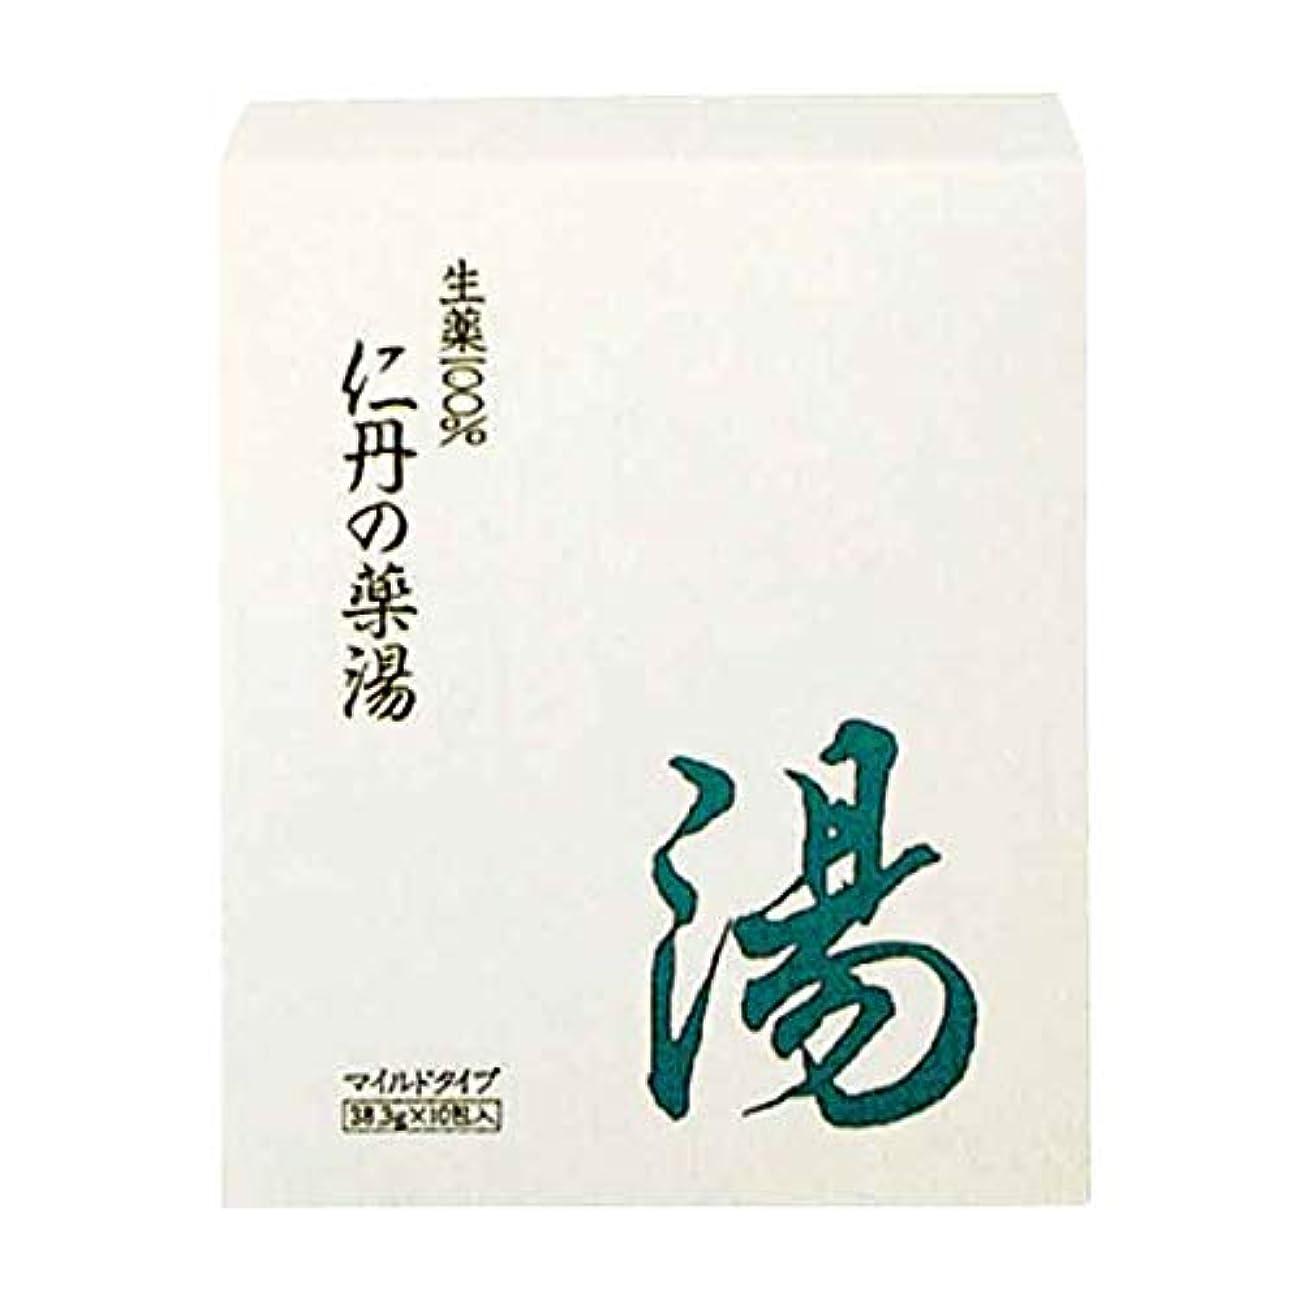 白いゆり増幅する森下仁丹 仁丹の薬湯(マイルド) 10包 [医薬部外品]